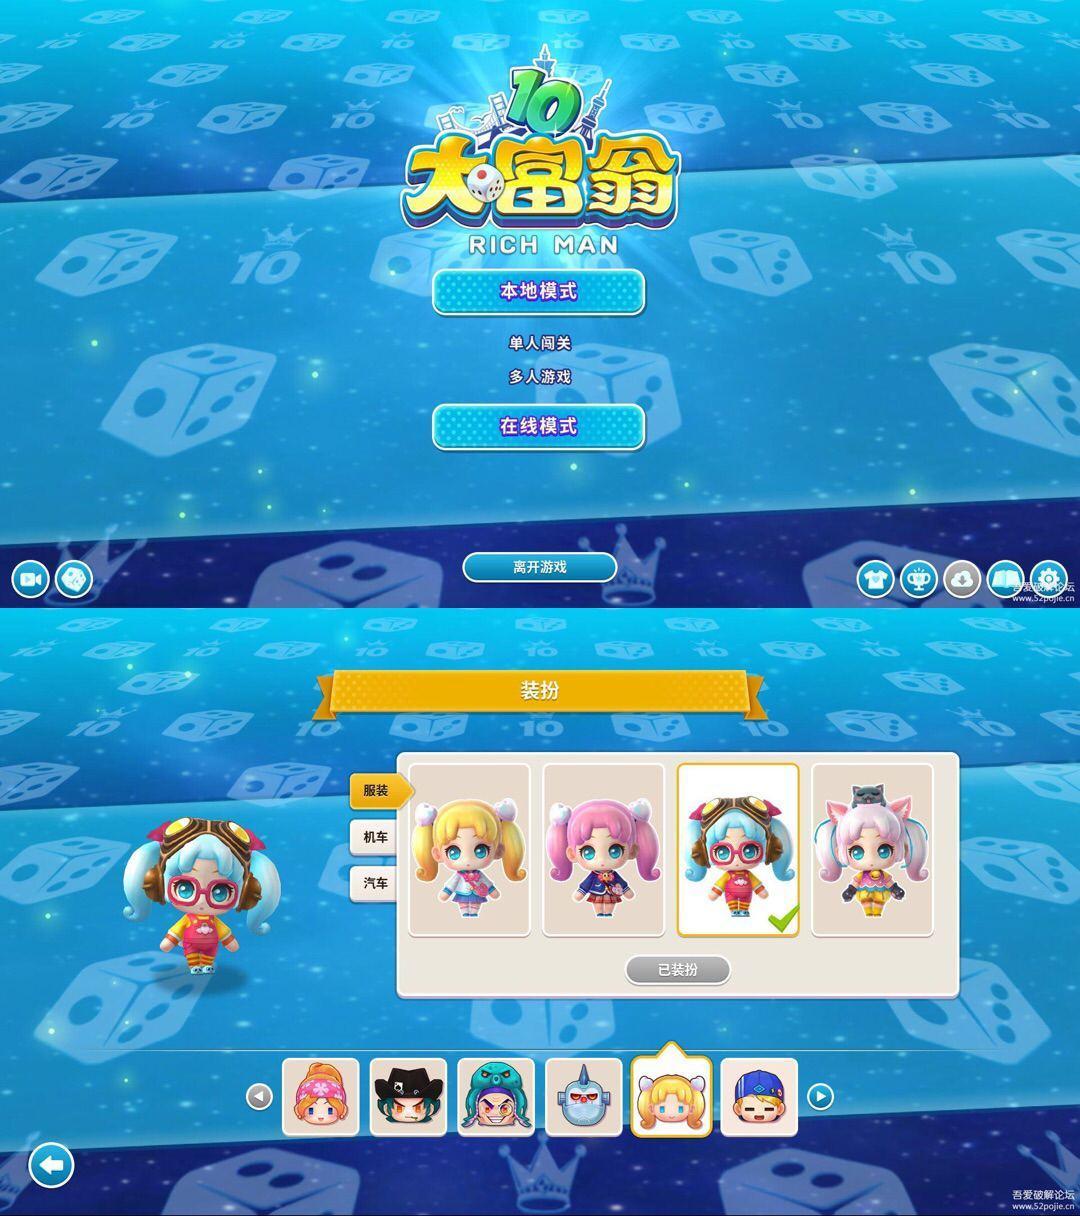 《大富翁10》9月10日更新、免安装官方中文版